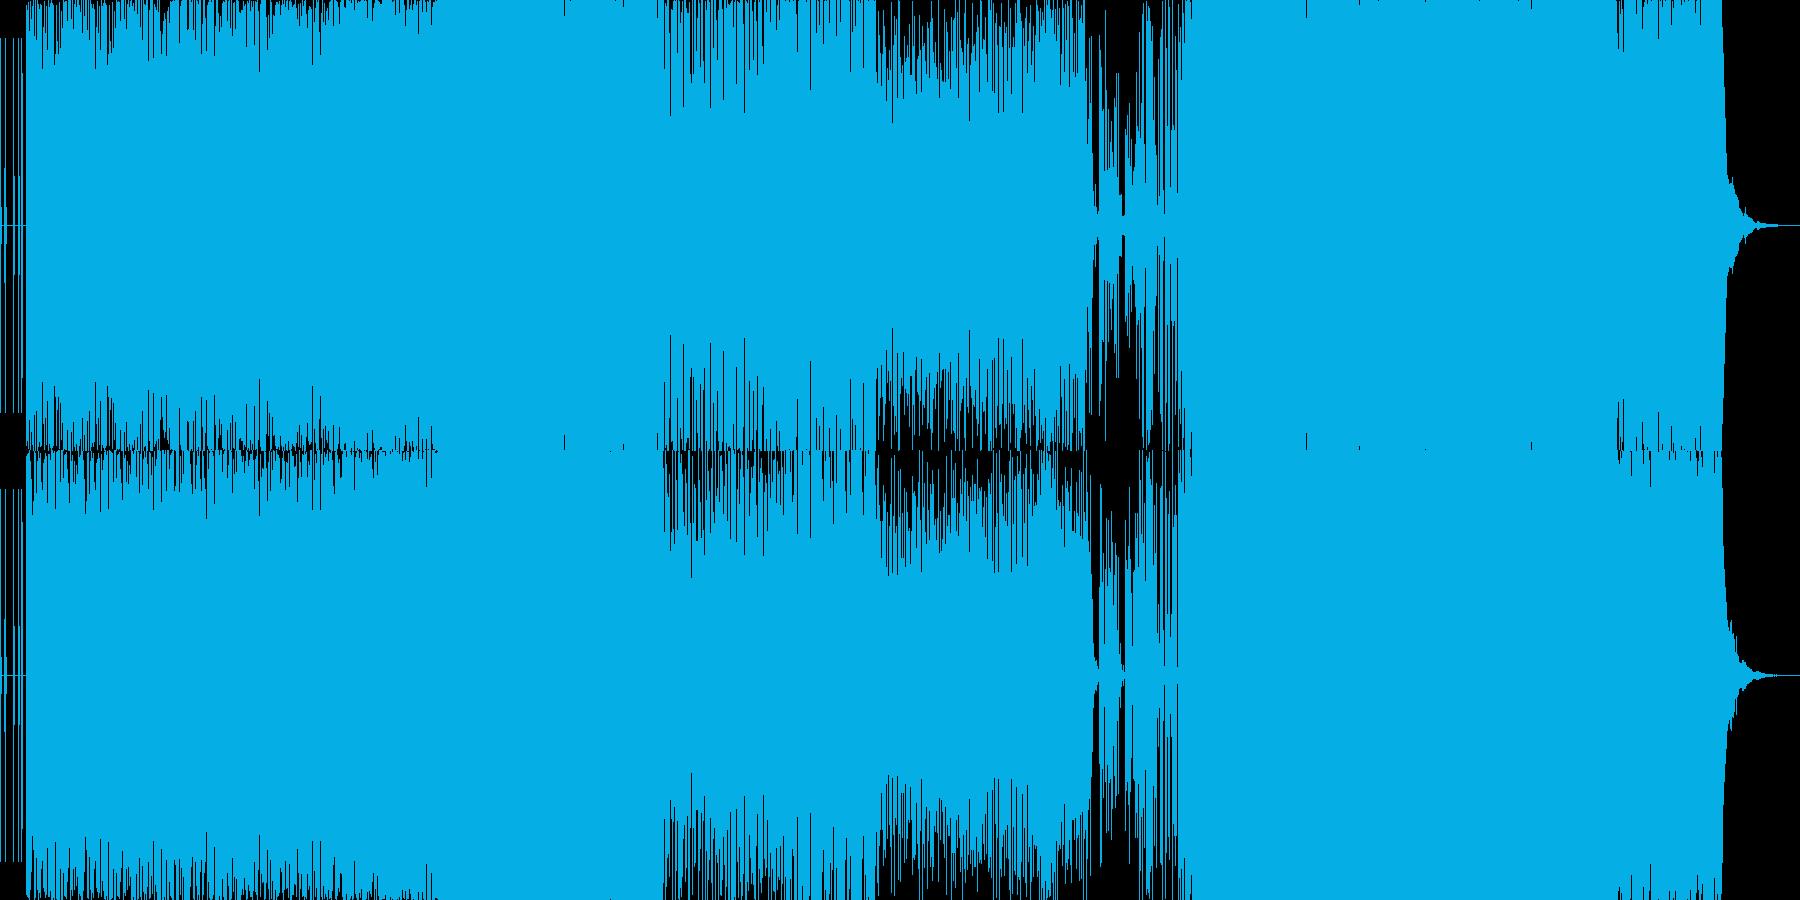 砂漠感のあるノリノリなEDMの再生済みの波形